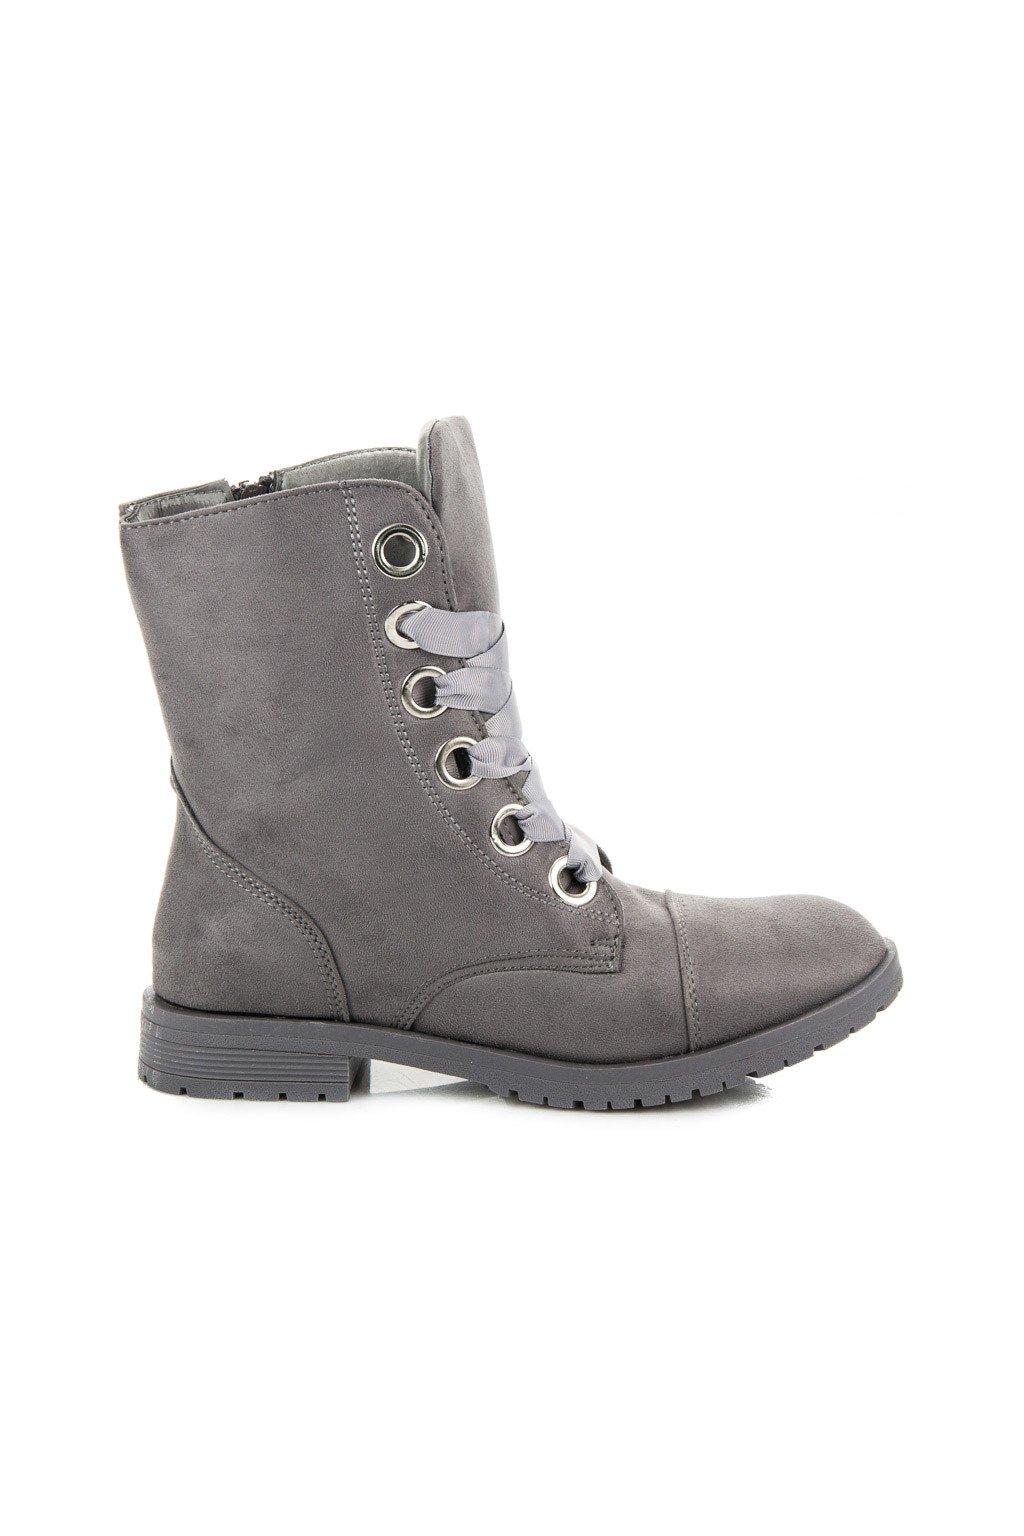 5186bb2ad Dámske rockové kotníkové topánky na jeseň čierne NS08B